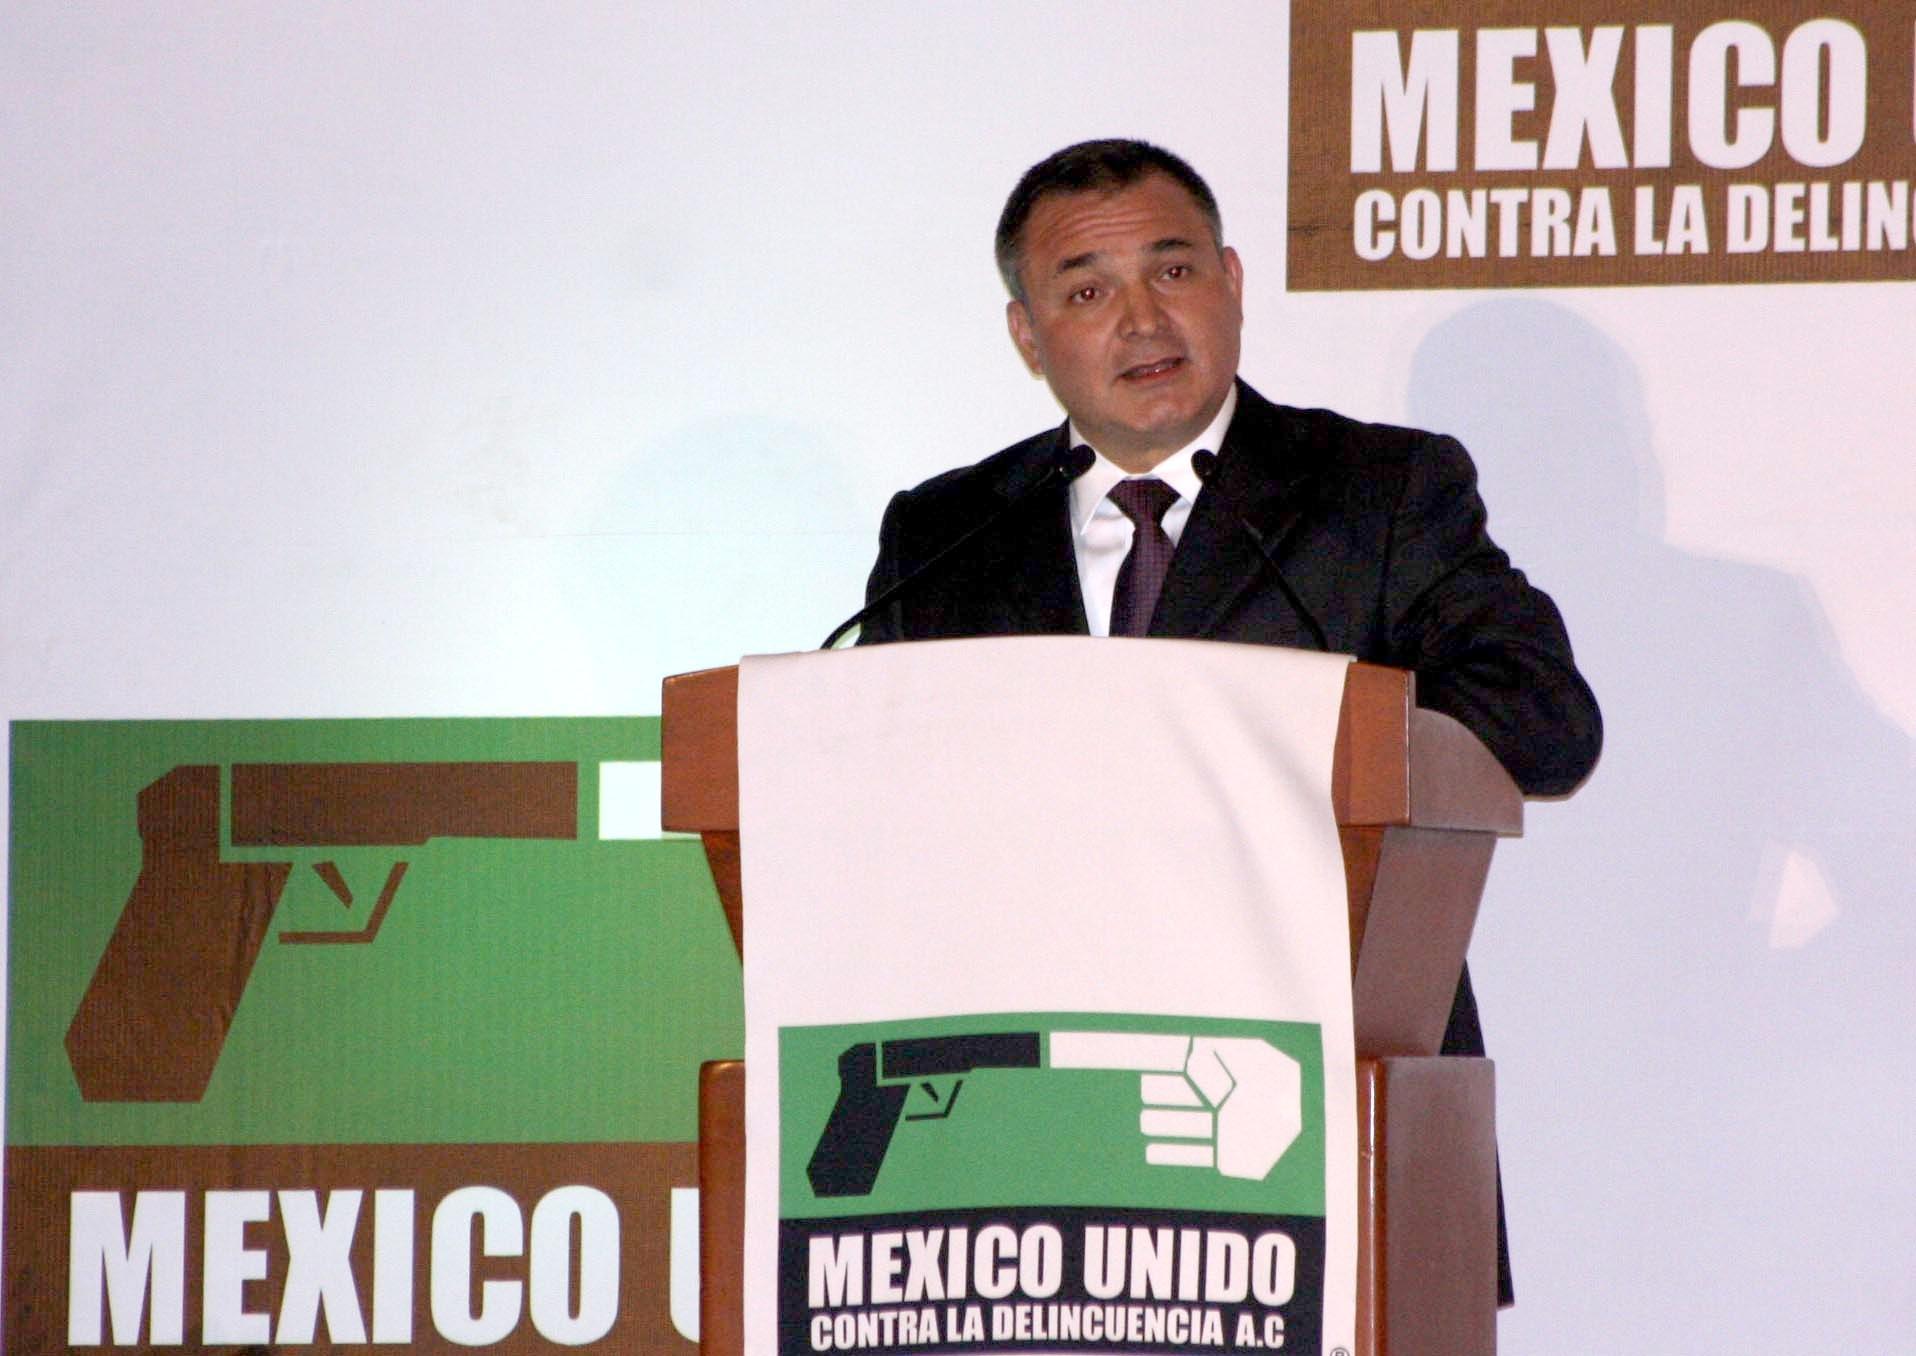 Őrizetbe vették a drogellenes háború vezetőjét, mert kenőpénzt kapott a legnagyobb mexikói drogkartelltől